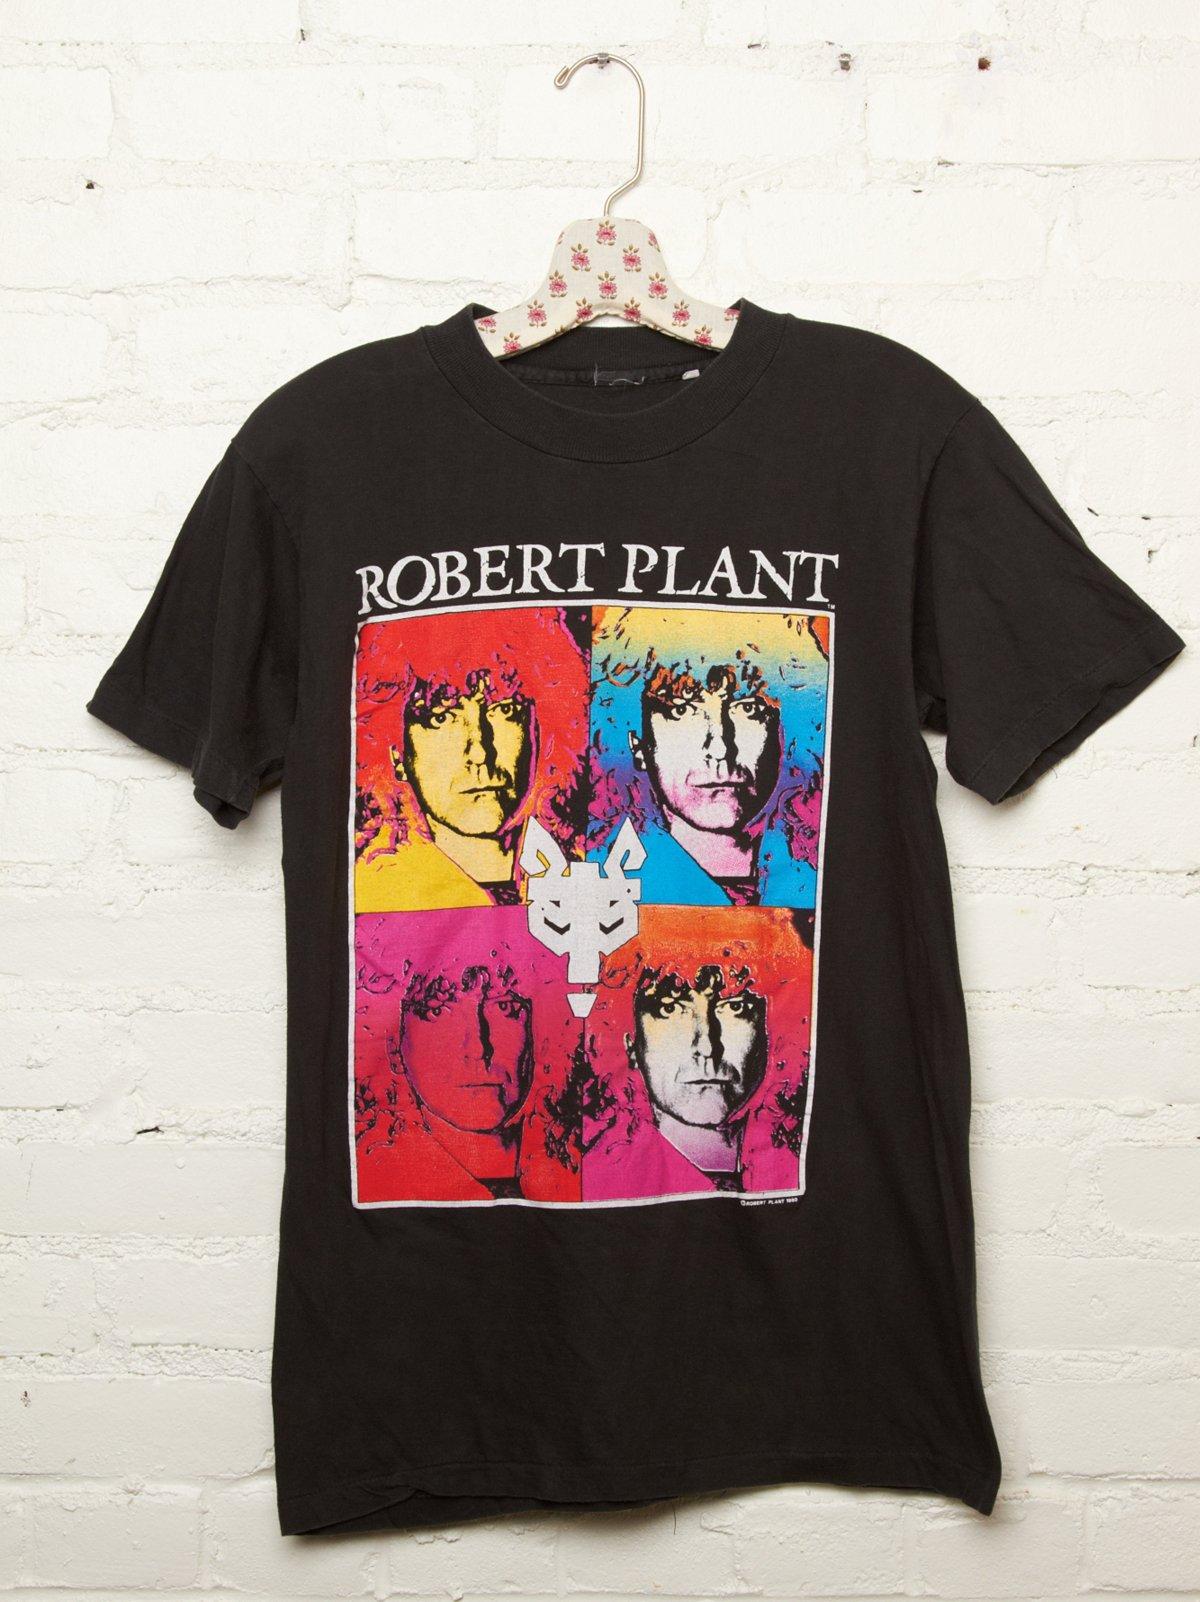 Vintage Robert Plant Tee